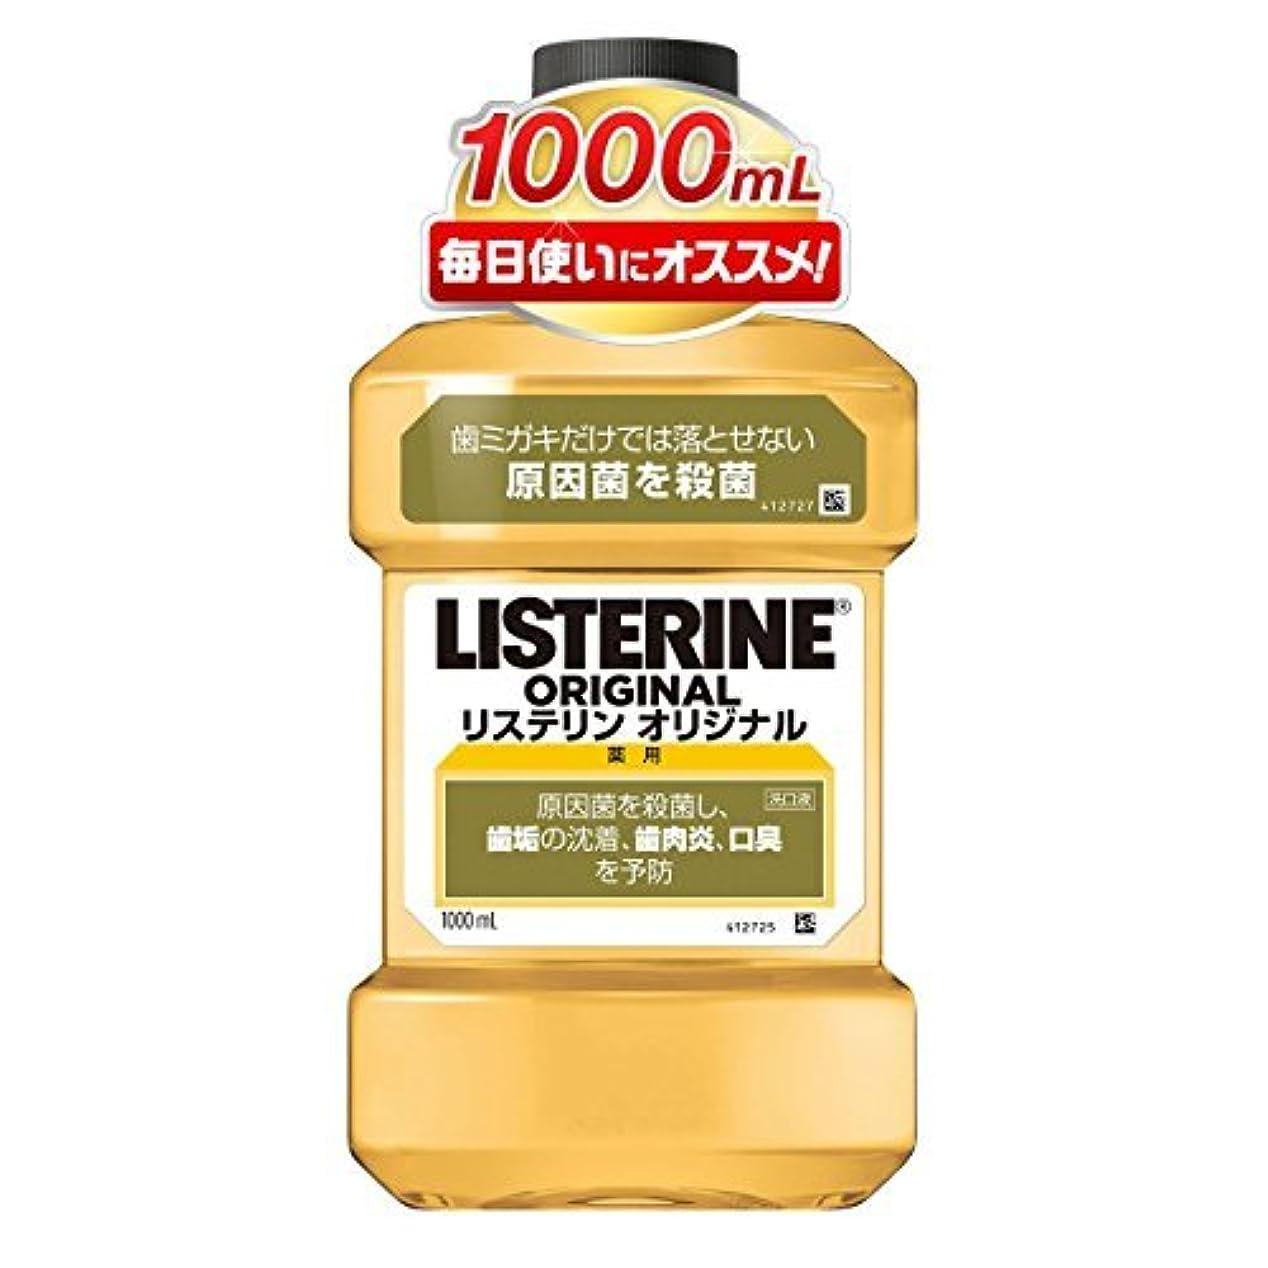 スペル不誠実ファイアル薬用リステリン オリジナル 1000ml ×6個セット